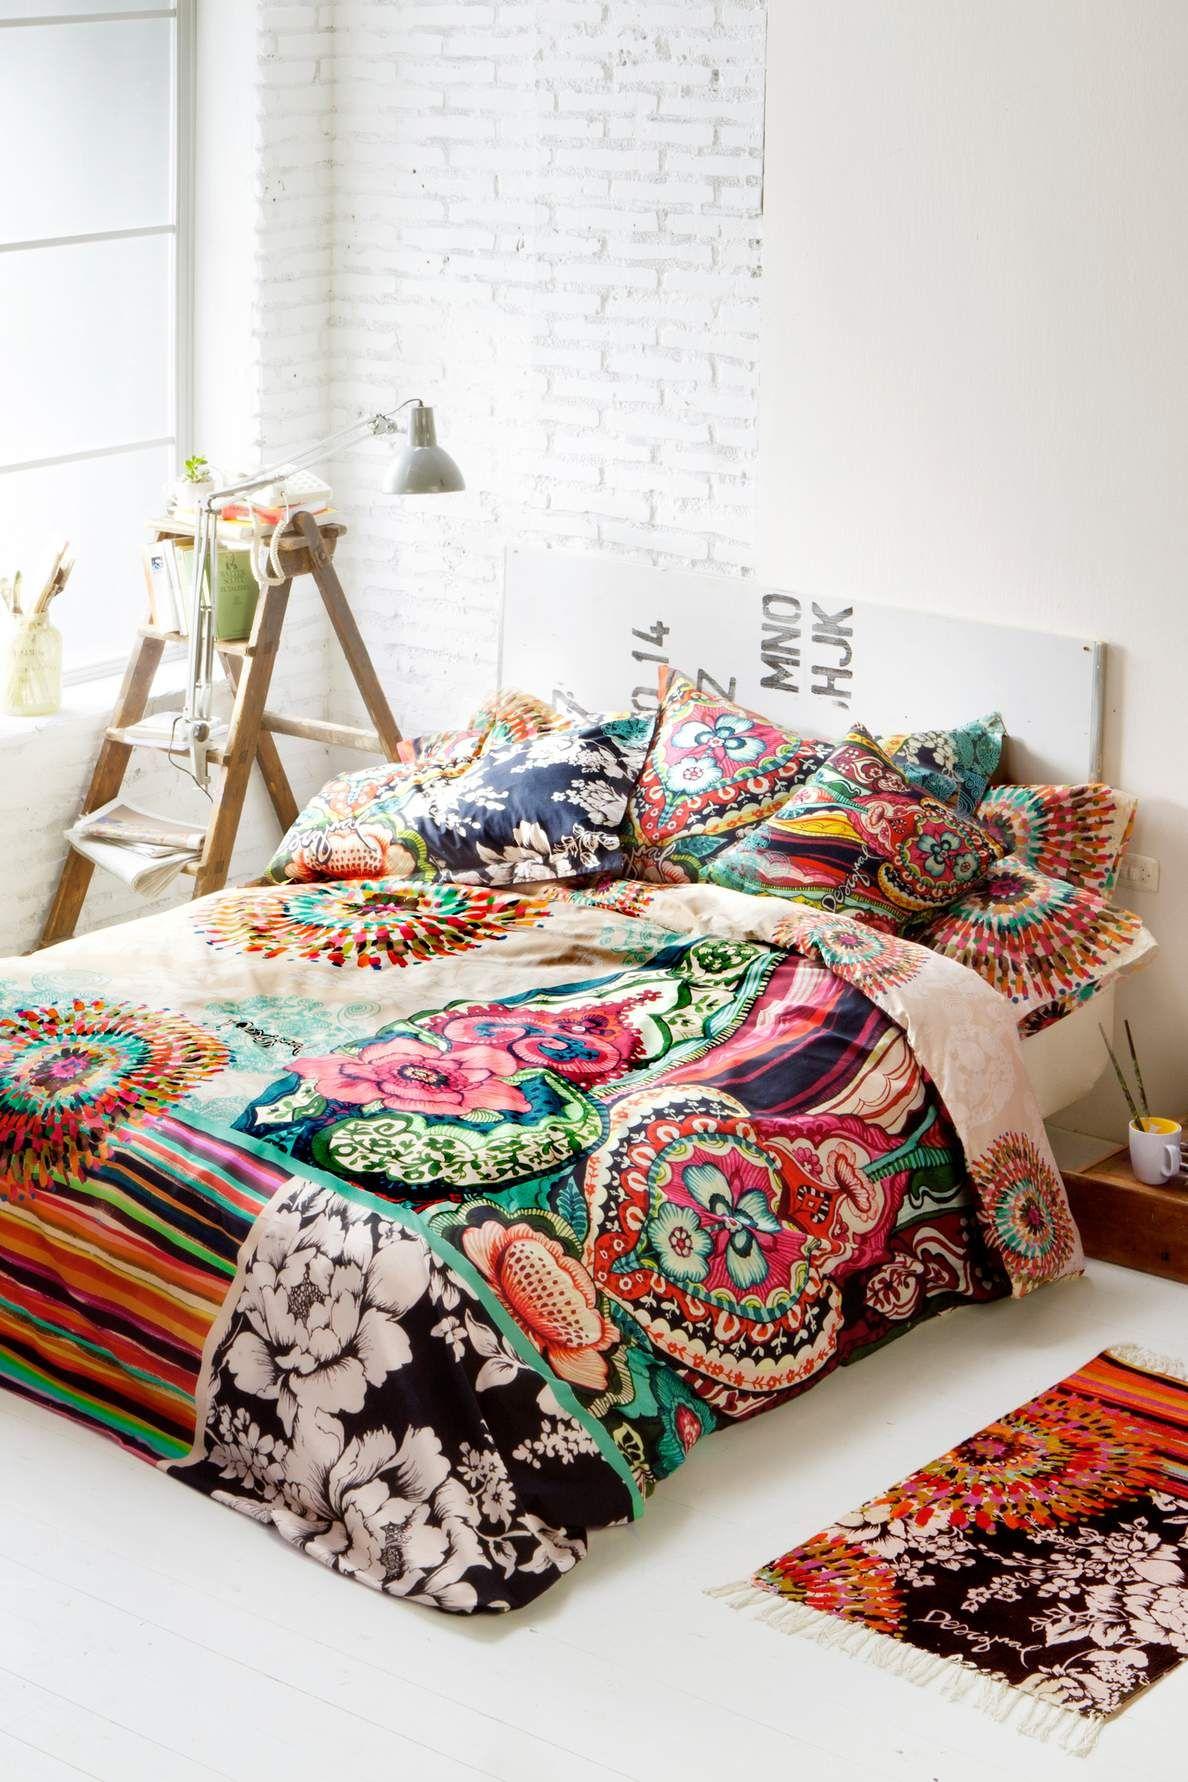 housse de couette desigual black white bedding housse de couette deco et mobilier de salon. Black Bedroom Furniture Sets. Home Design Ideas